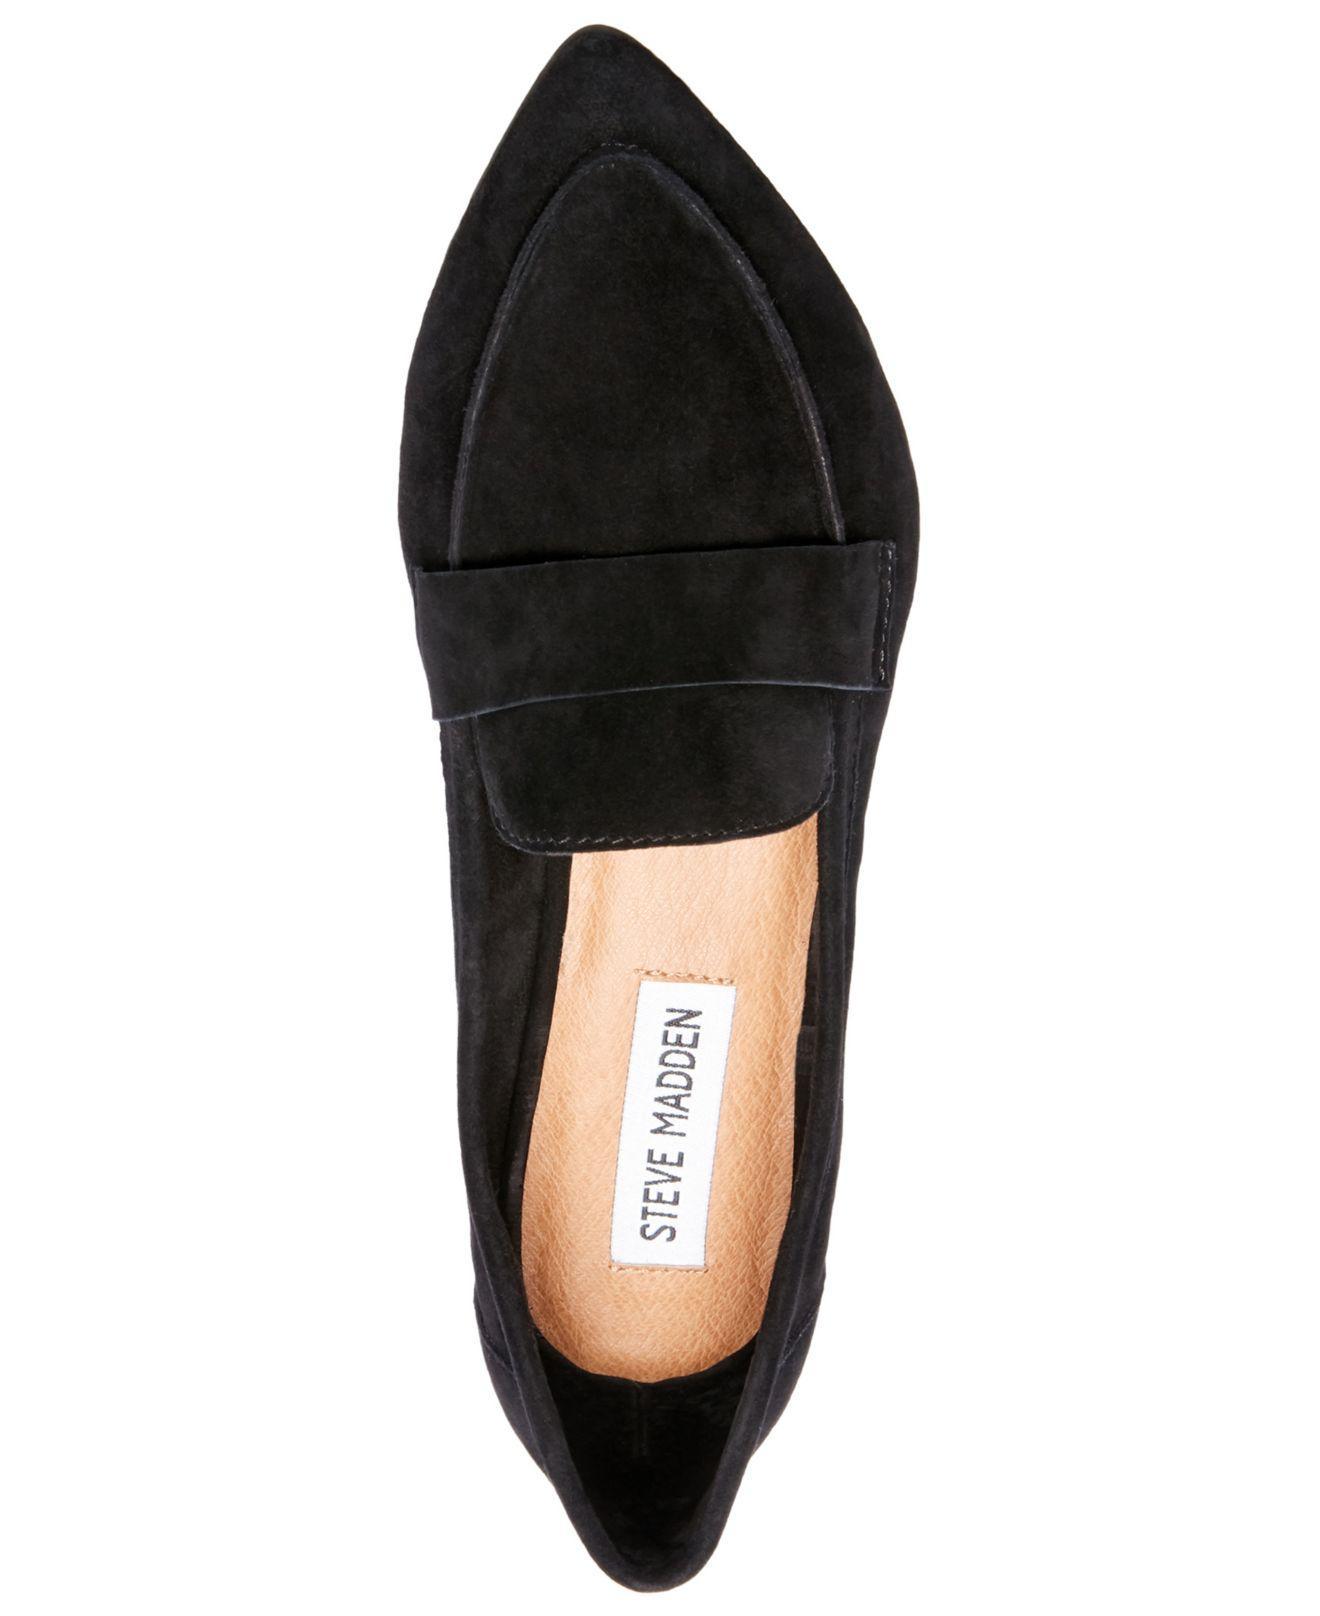 c3d1d6432c9 Women's Black Carver Tailored Flats